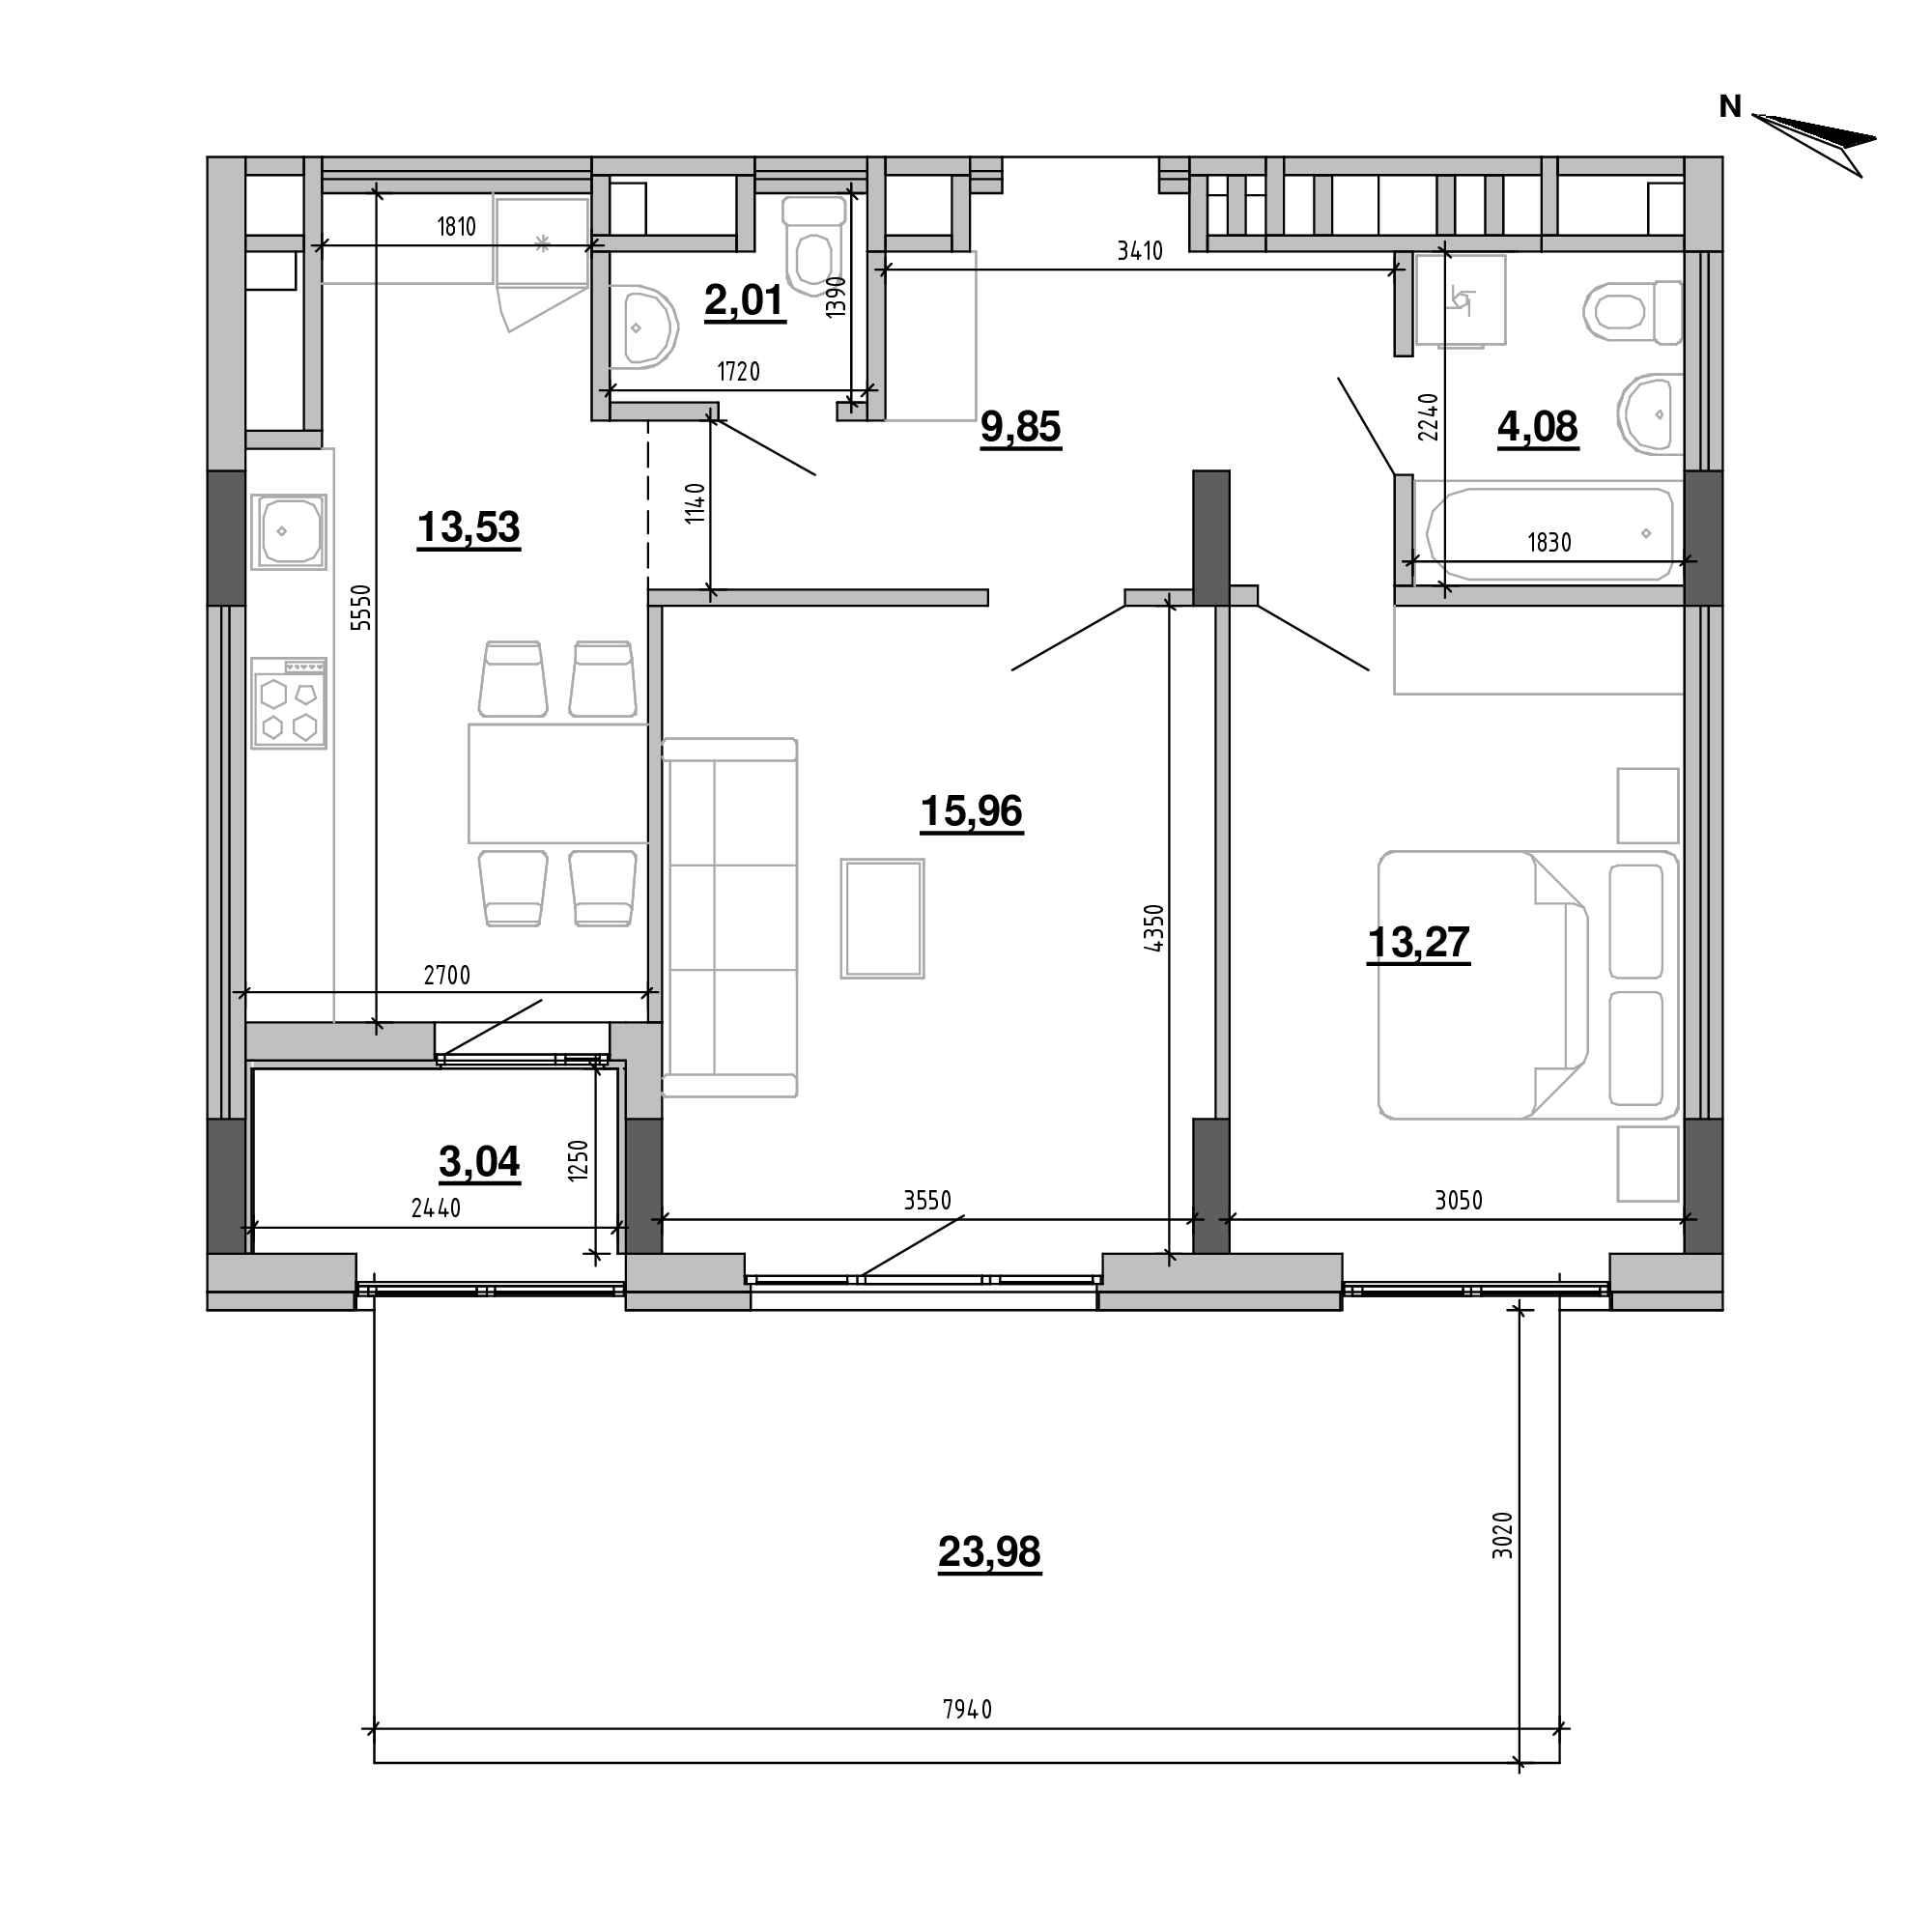 ЖК Підзамче. Брама: планування 2-кімнатної квартири, №3, 68.93 м<sup>2</sup>